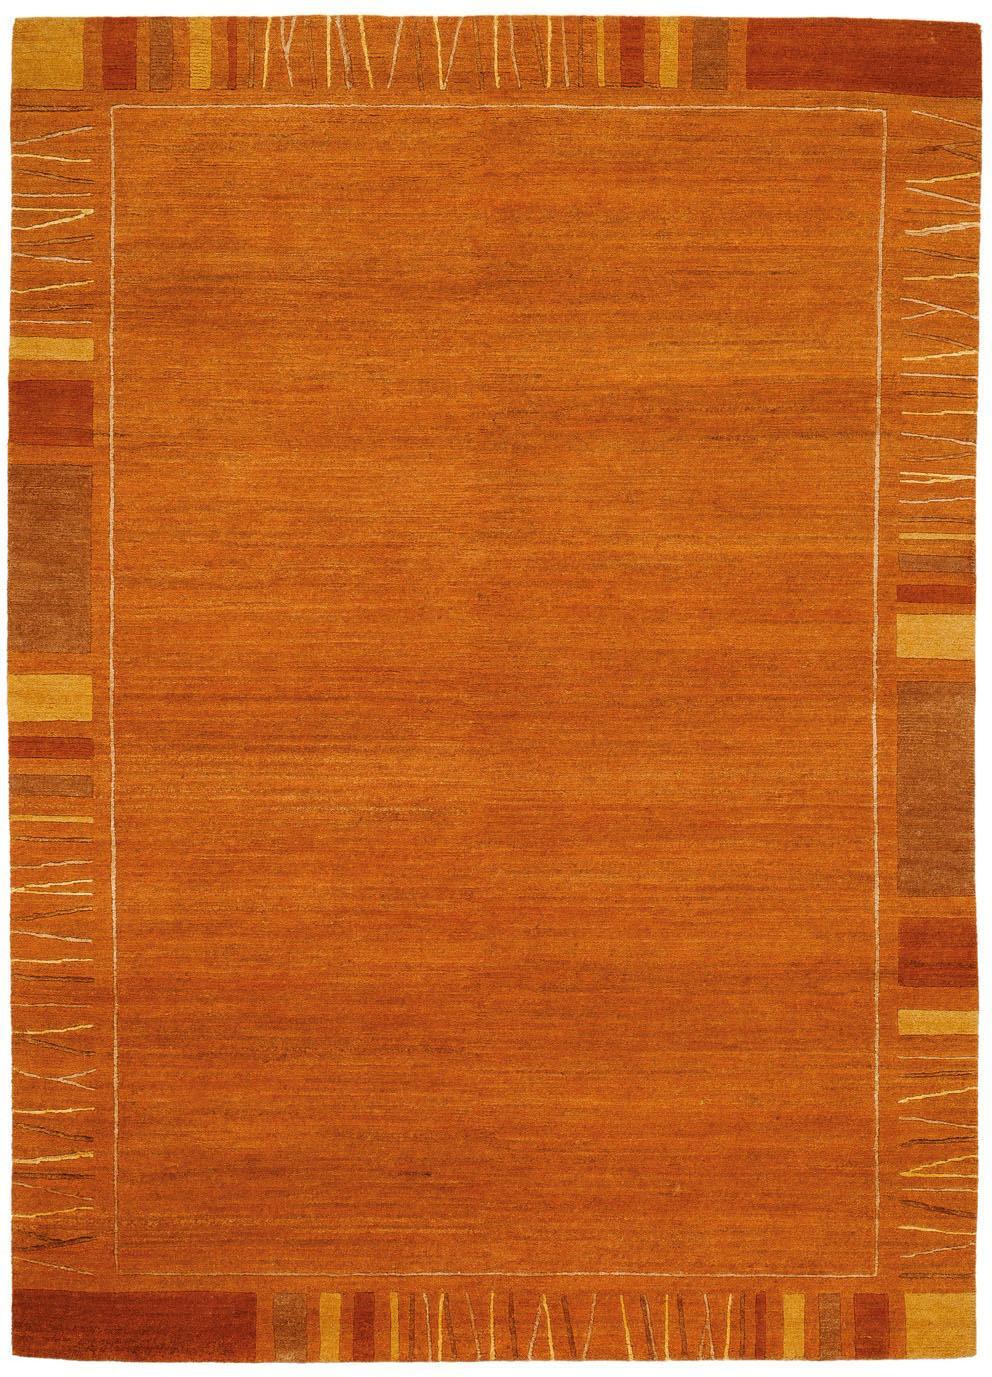 Teppich Sensation Rekhi OCI DIE TEPPICHMARKE rechteckig Höhe 6 mm manuell geknüpft